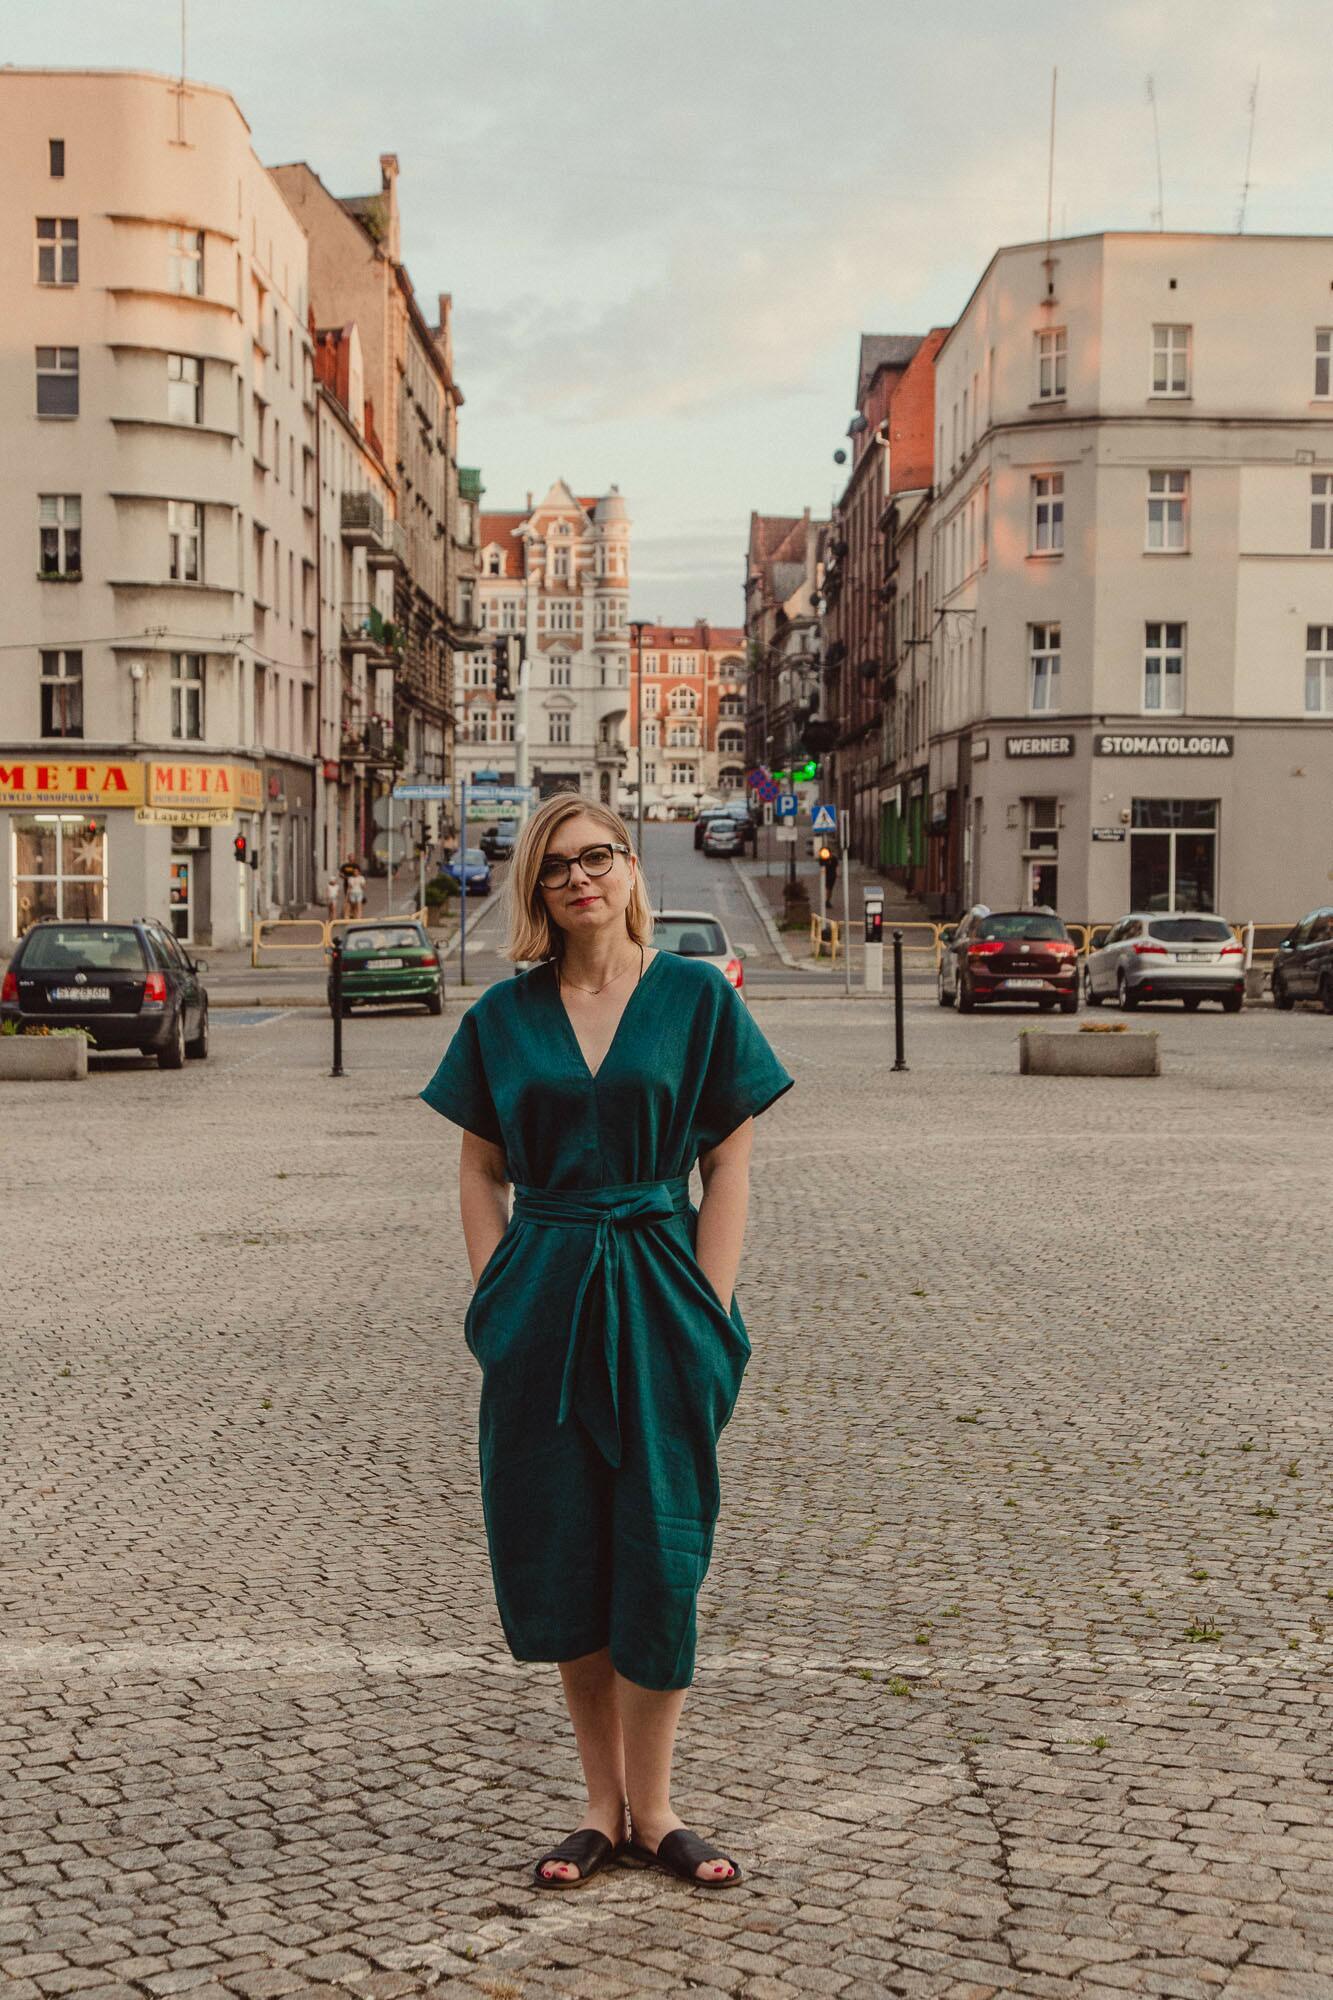 """Sukienka lniana """"uskrzydlona"""" No4 turkus - Bäckerei Bytom   JestemSlow.pl"""